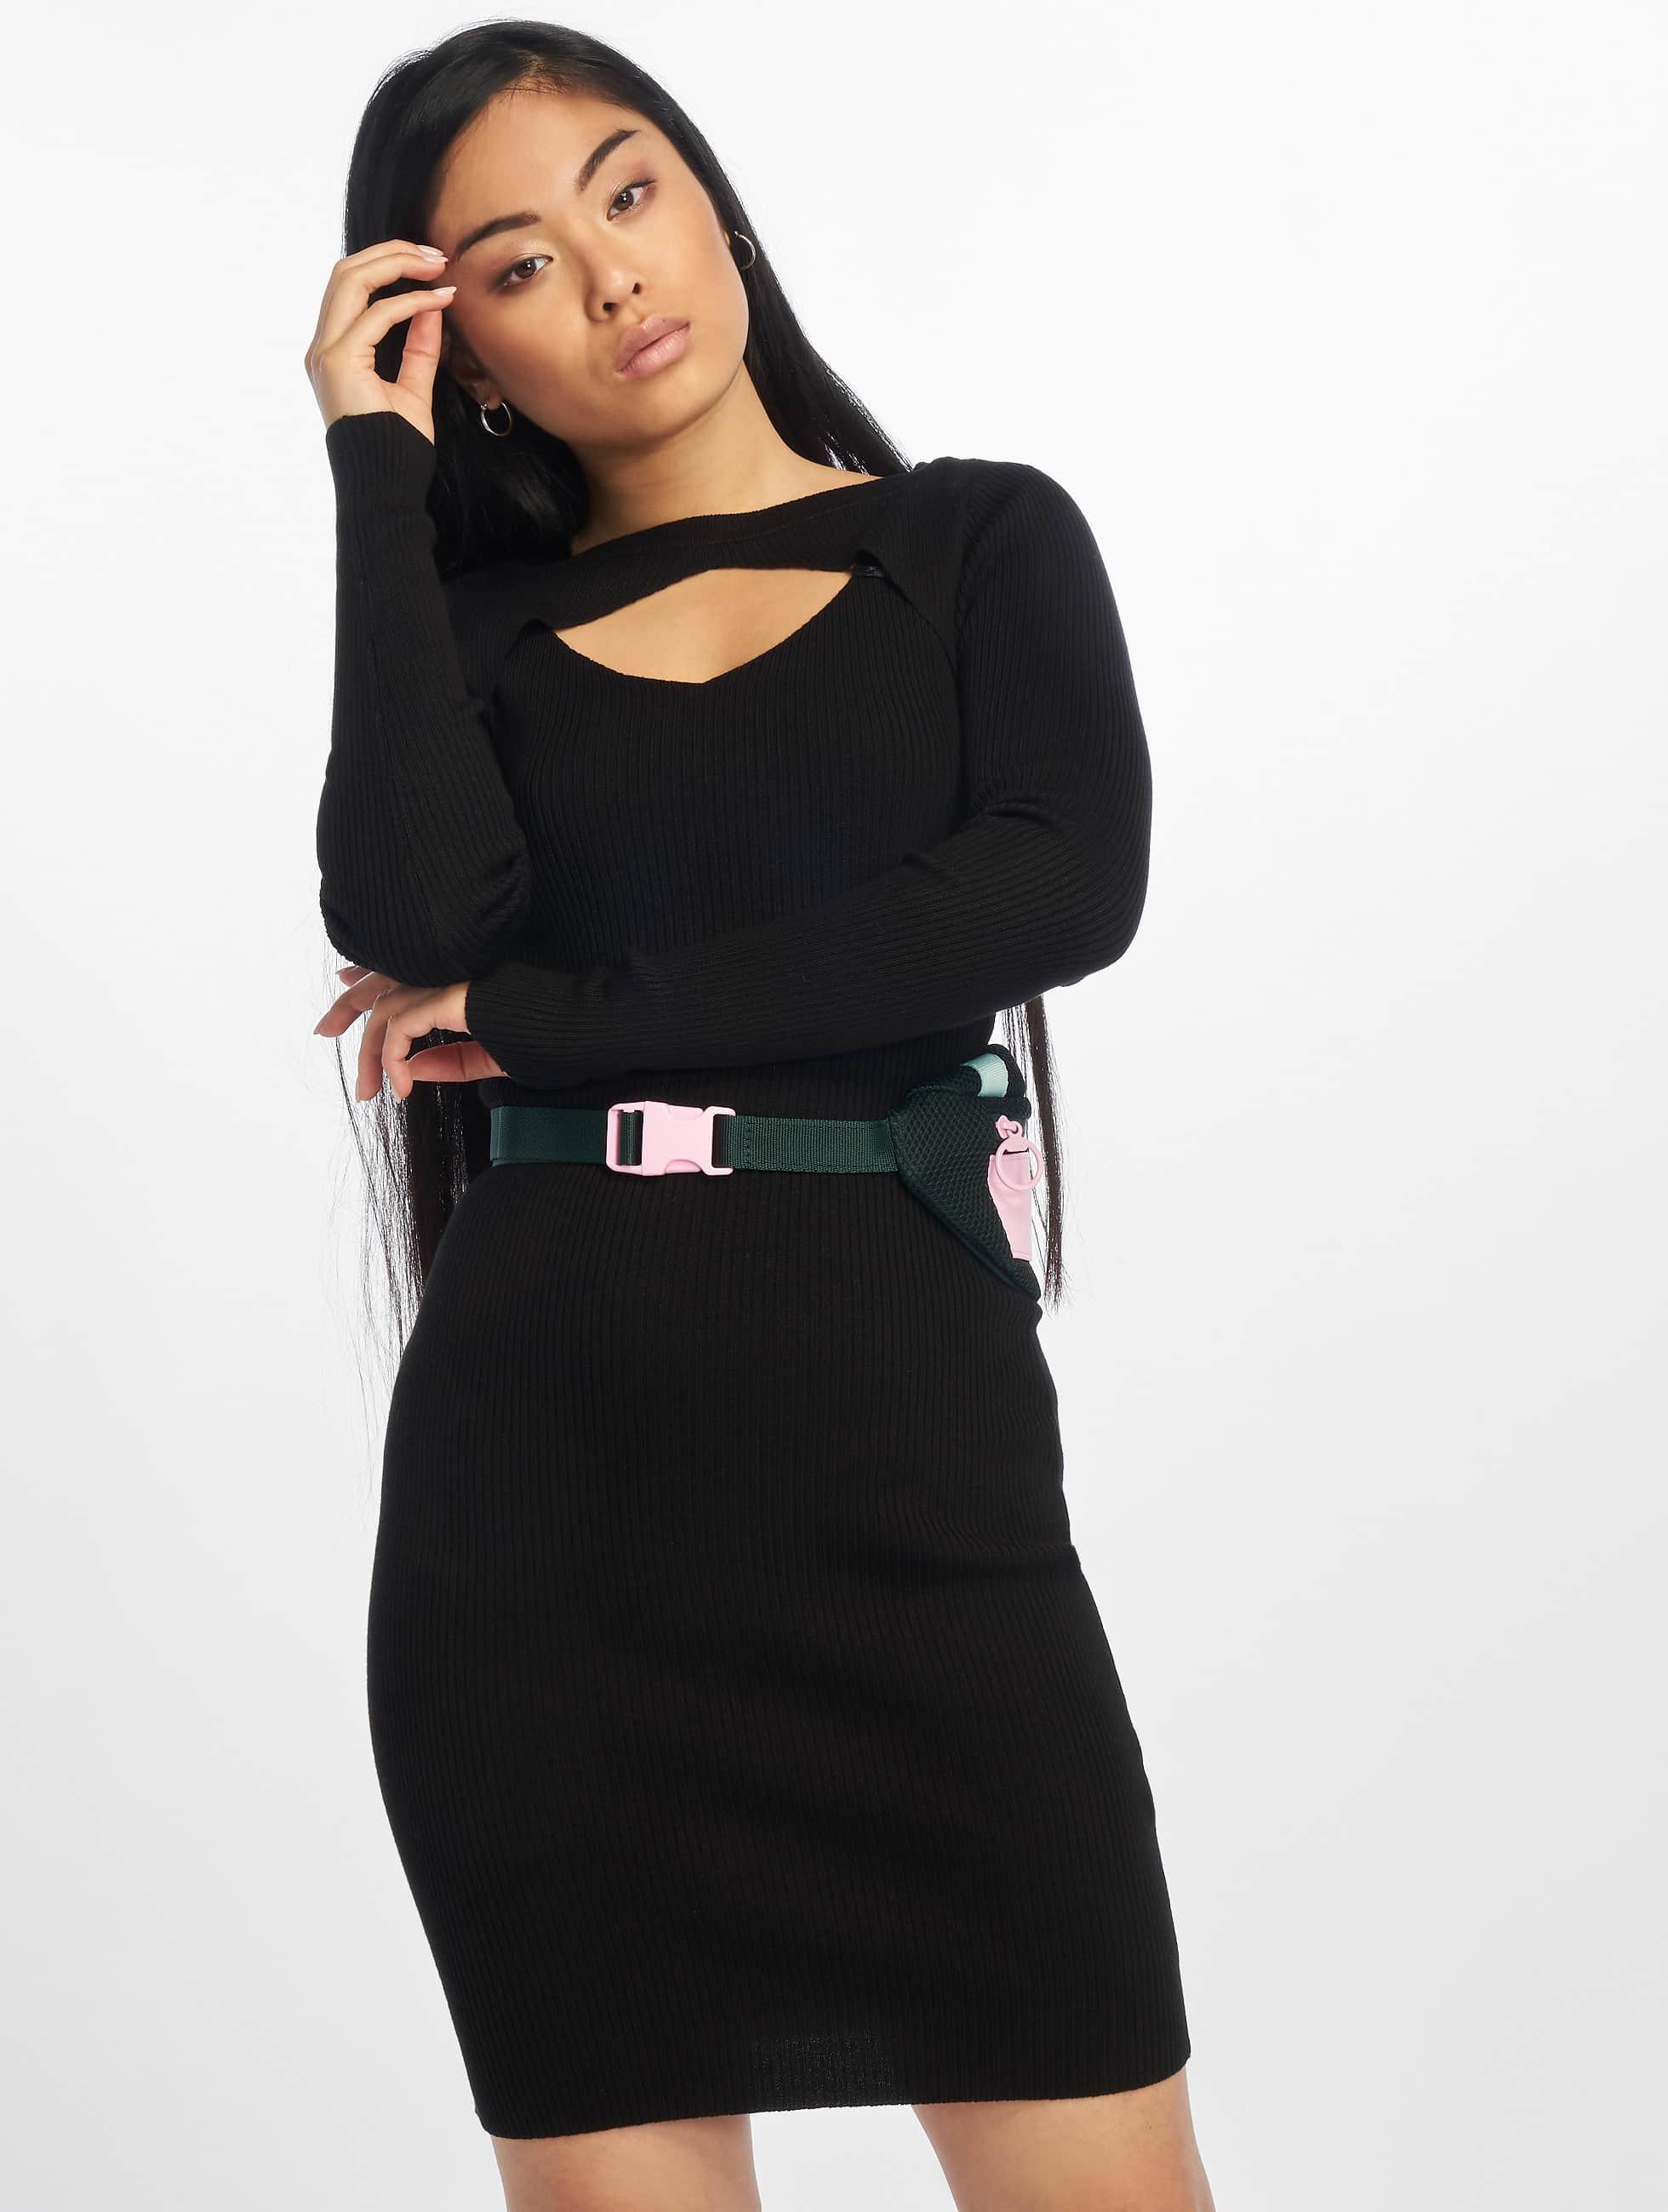 Enge kleider schwarz